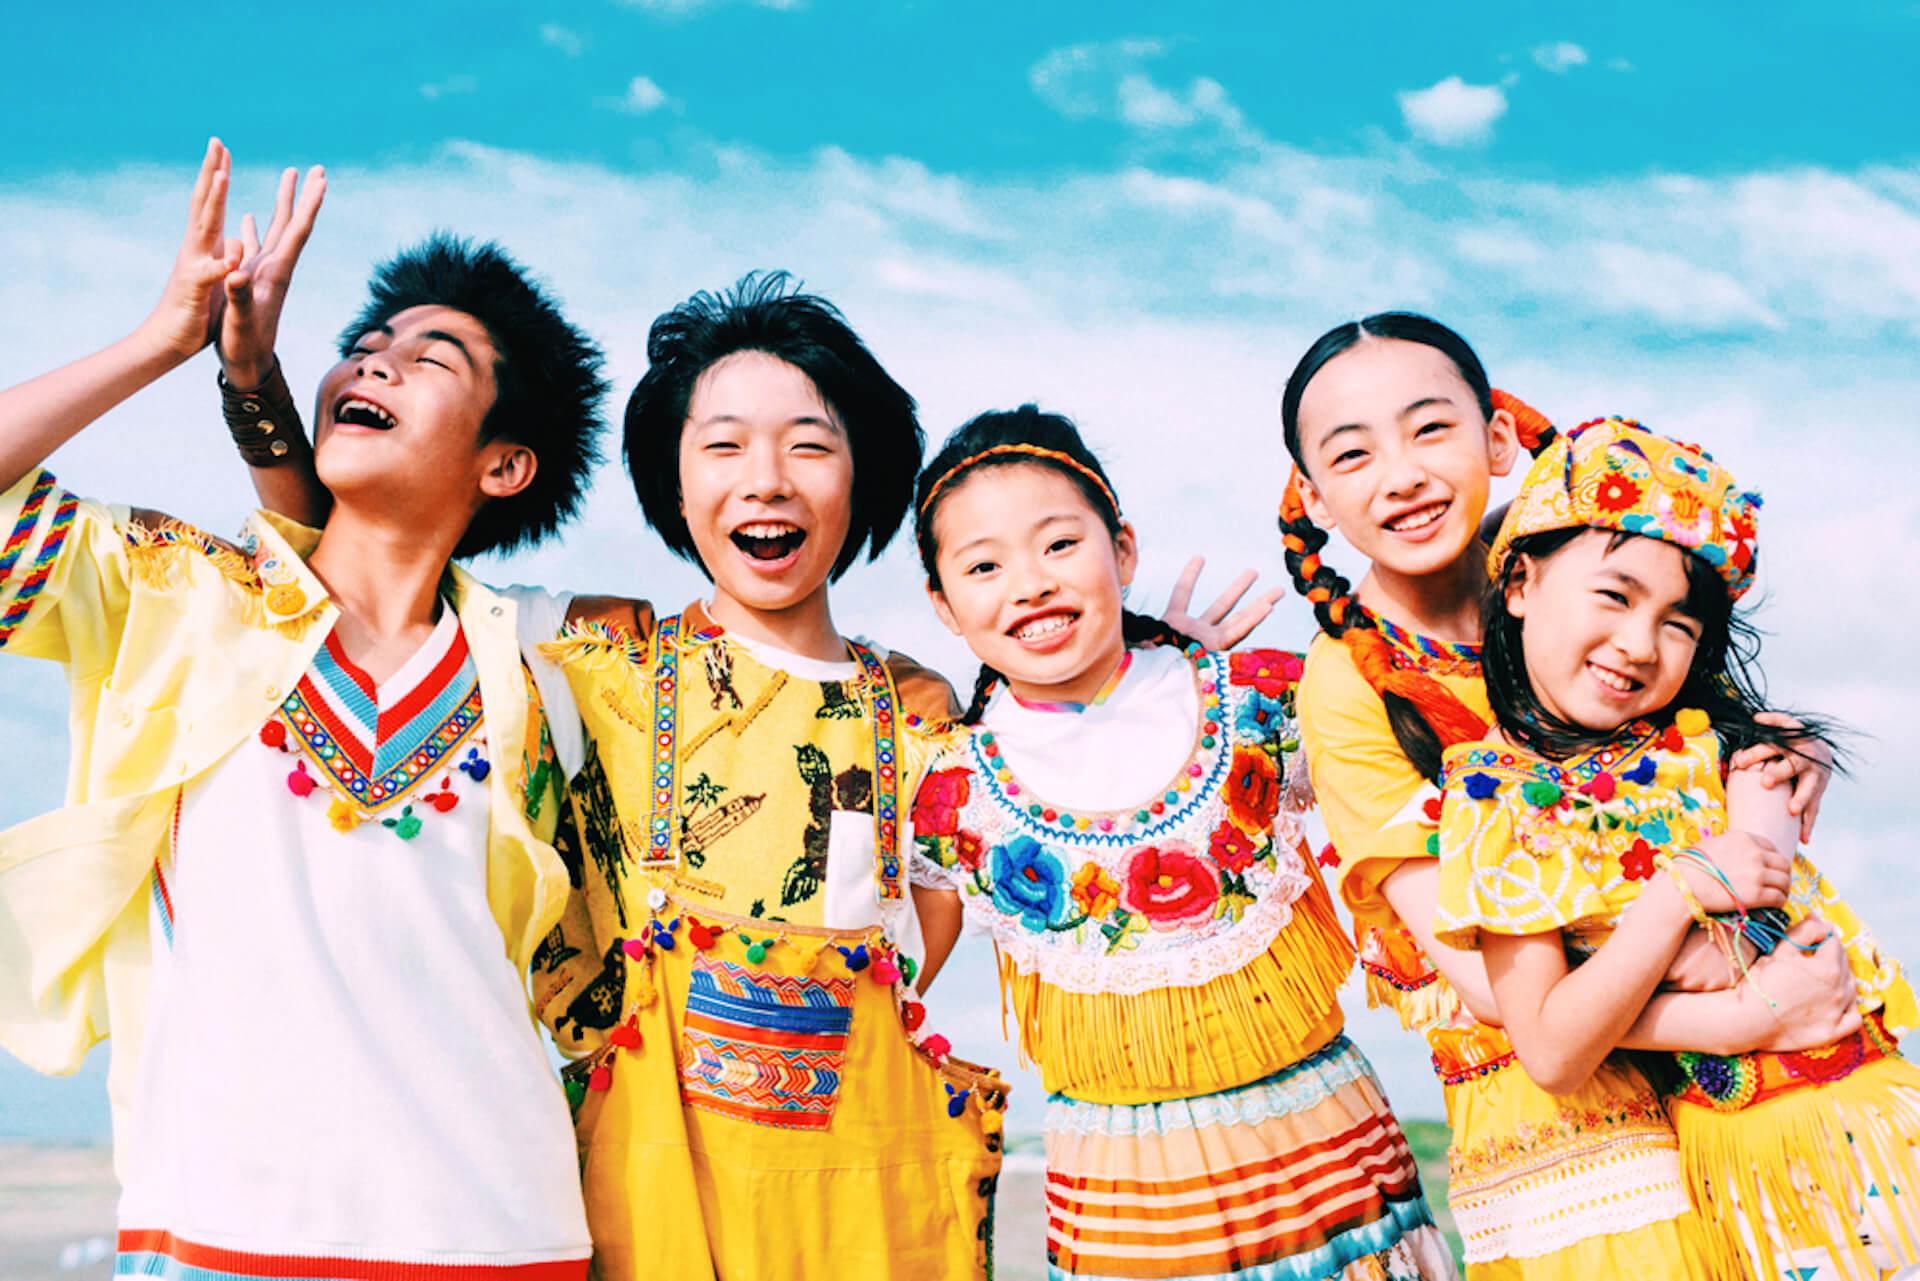 『第70回NHK紅白歌合戦』の出場歌手が発表|嵐、King Gnu、LiSA、米津玄師プロデュース「パプリカ」のFoorinなど合計41組、AI技術で復活する美空ひばりなど music191114-paprika-1